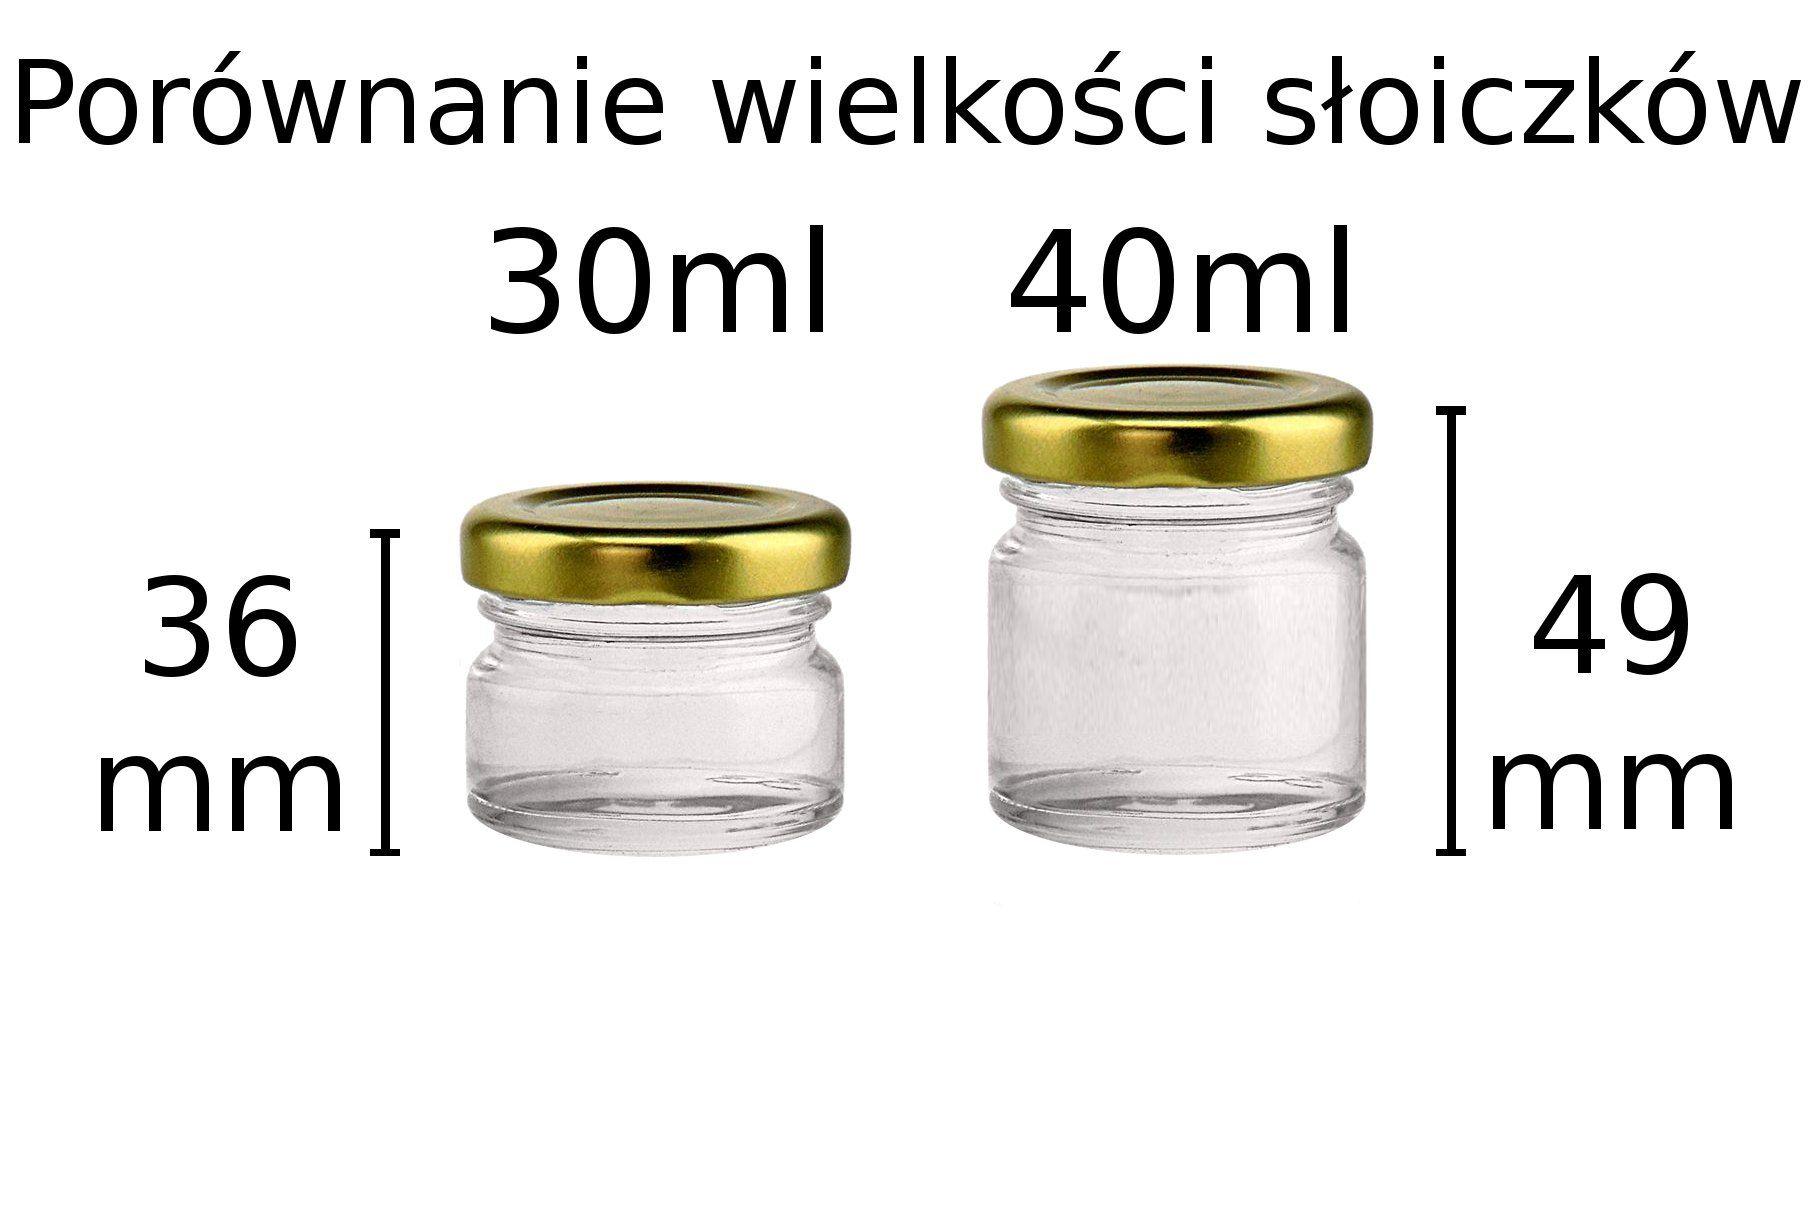 Akada Sloiczki 30ml 10szt Sloik Podziekowania B 7199445806 Oficjalne Archiwum Allegro Food Salt Condiments